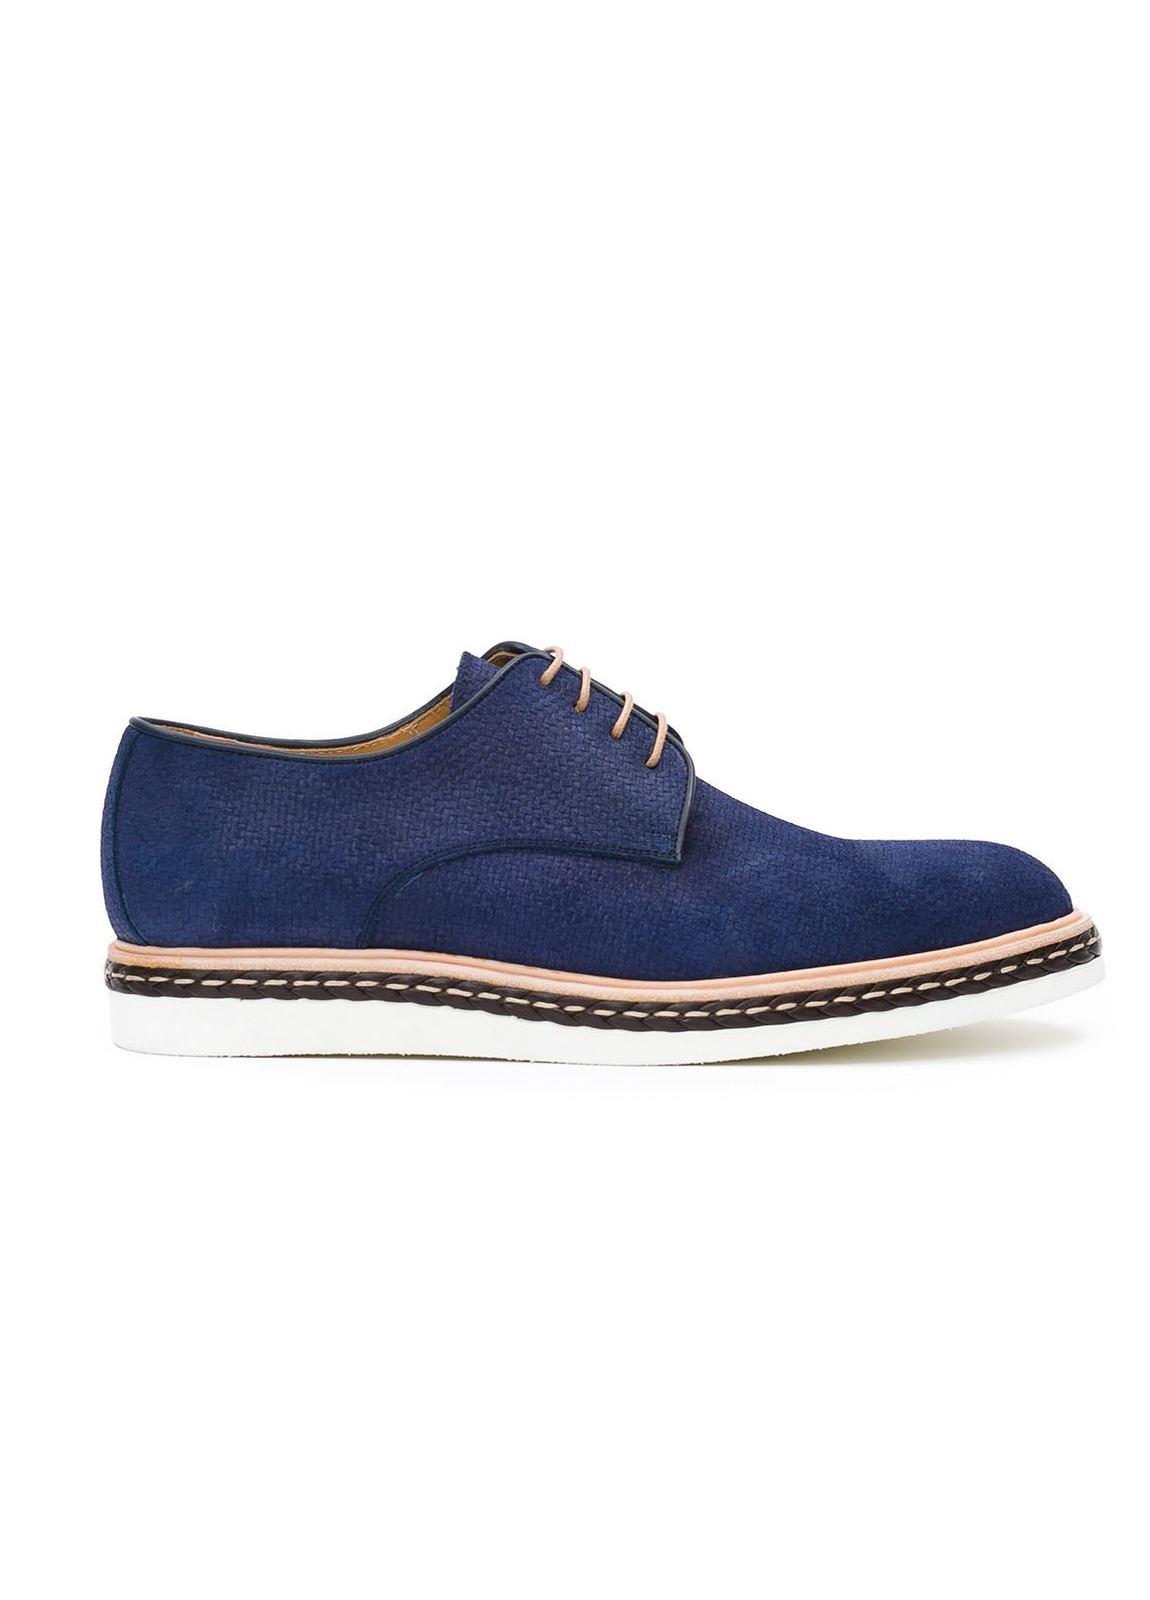 Calzado Sport Wear color azul,100% Serraje.